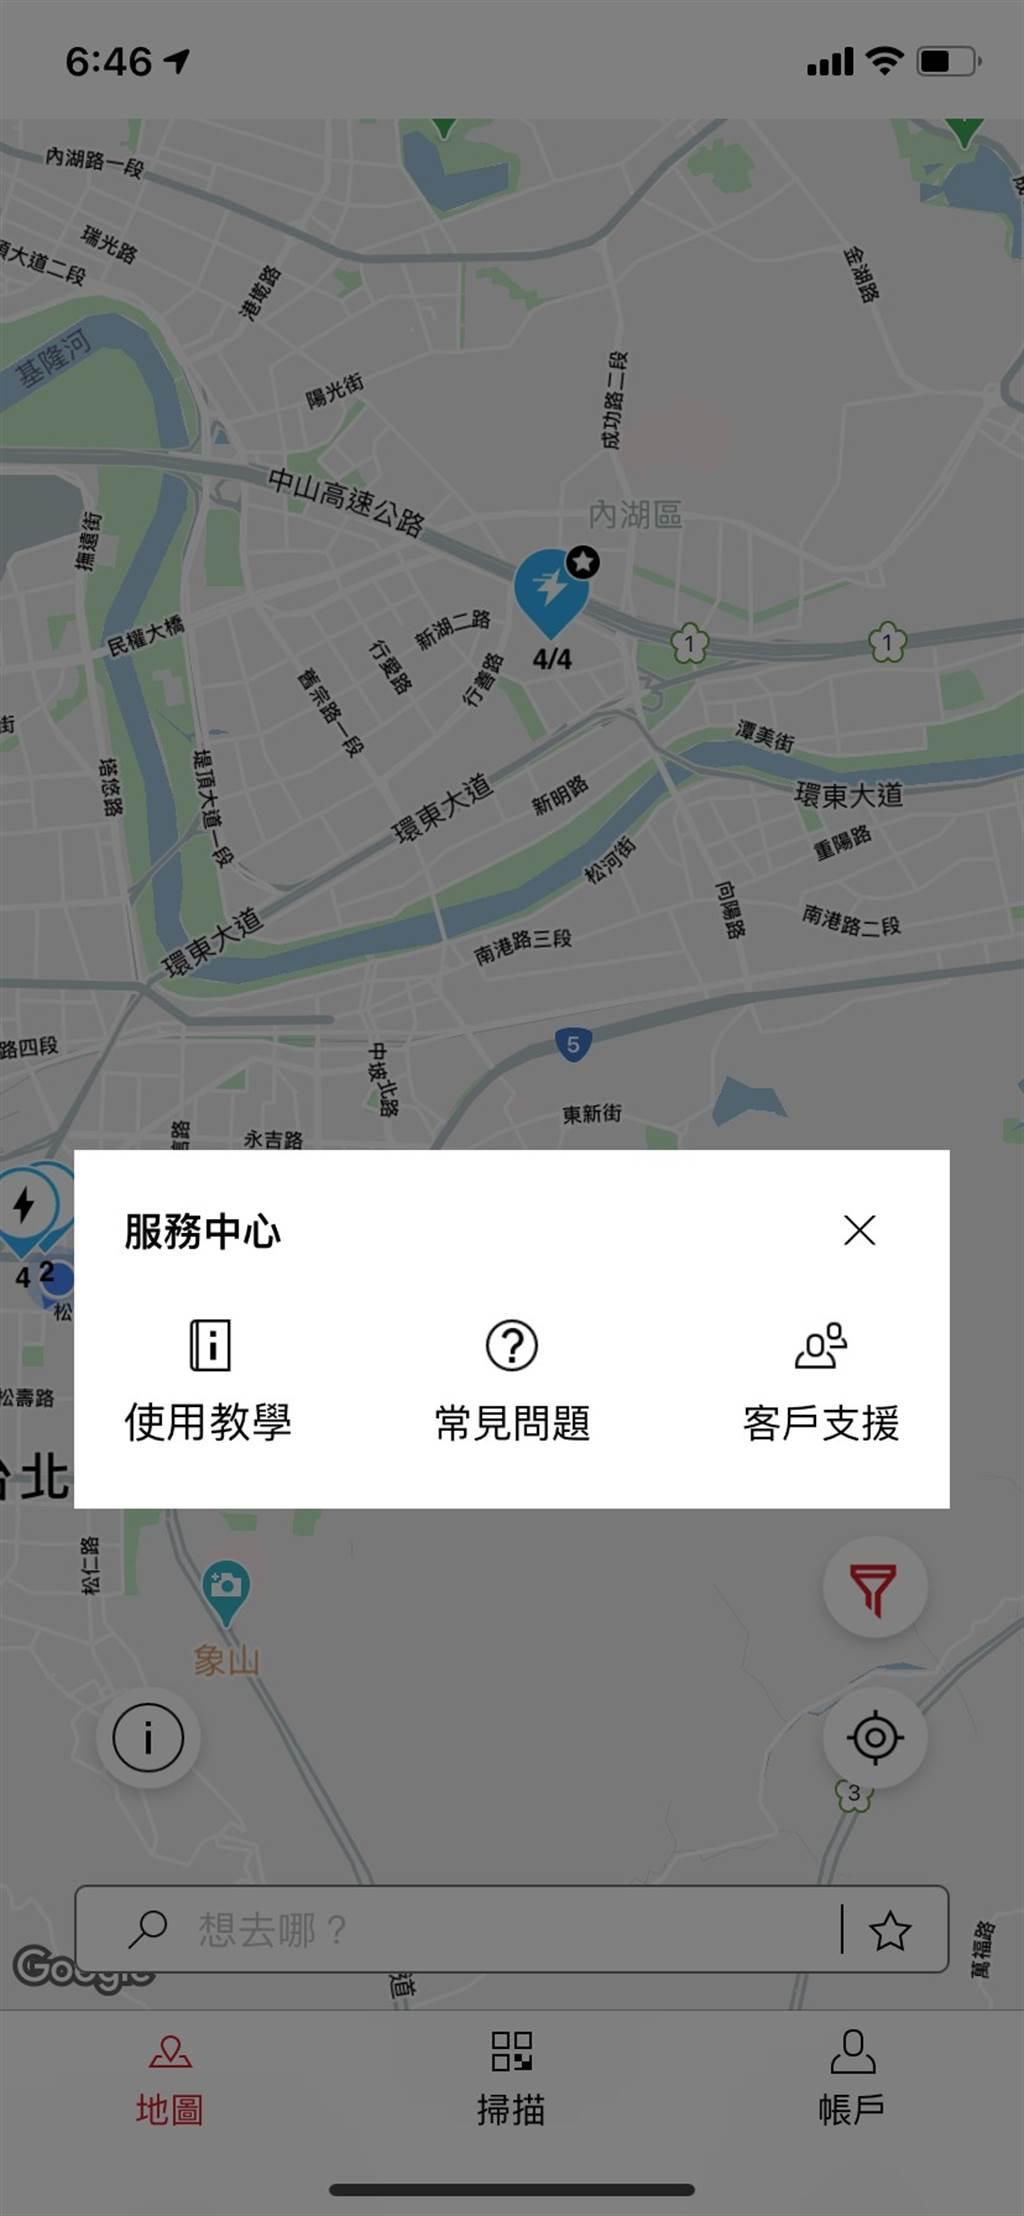 為 Taycan 設計,台灣保時捷推出專屬充電服務App